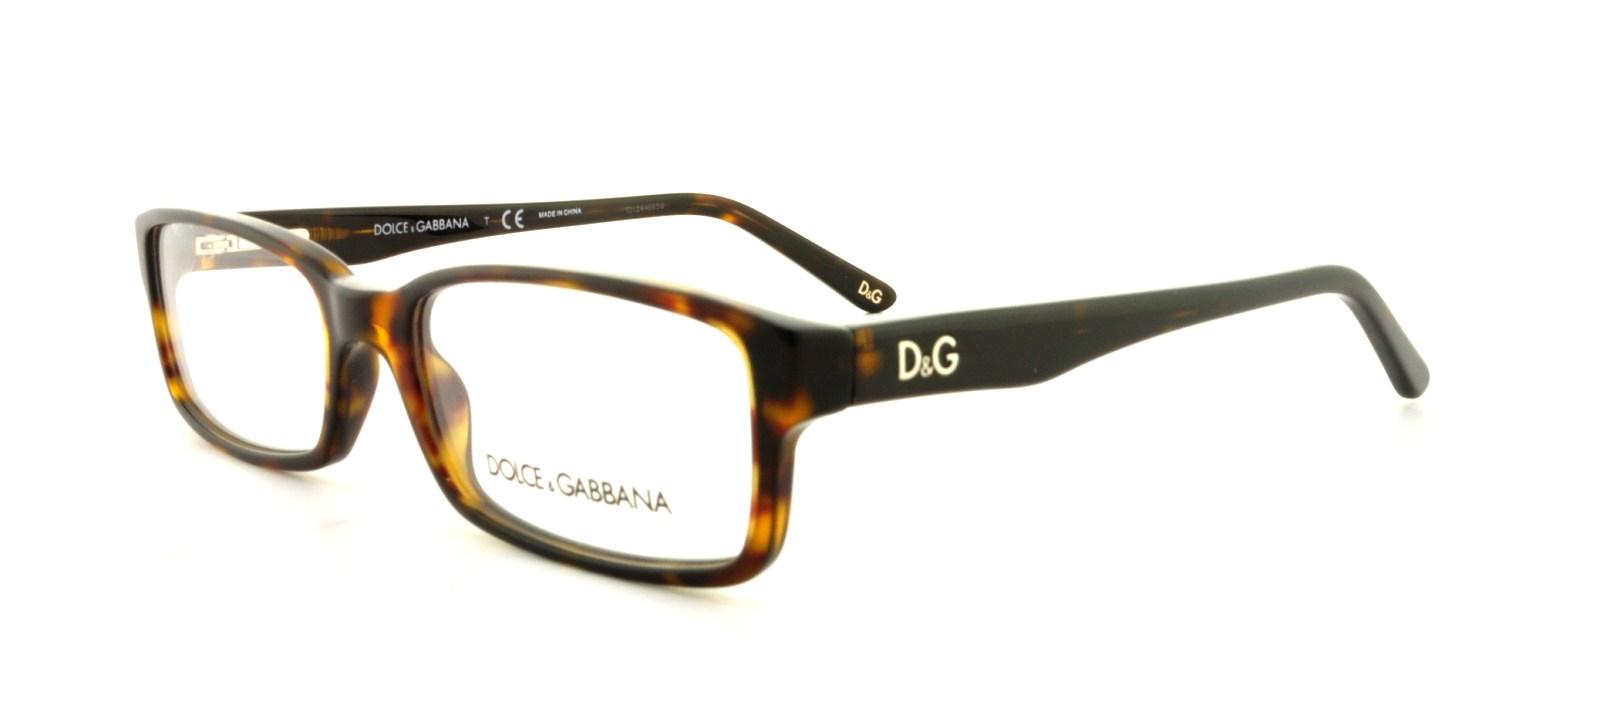 5120c56cc7d Designer Frames Outlet. D G DD1180